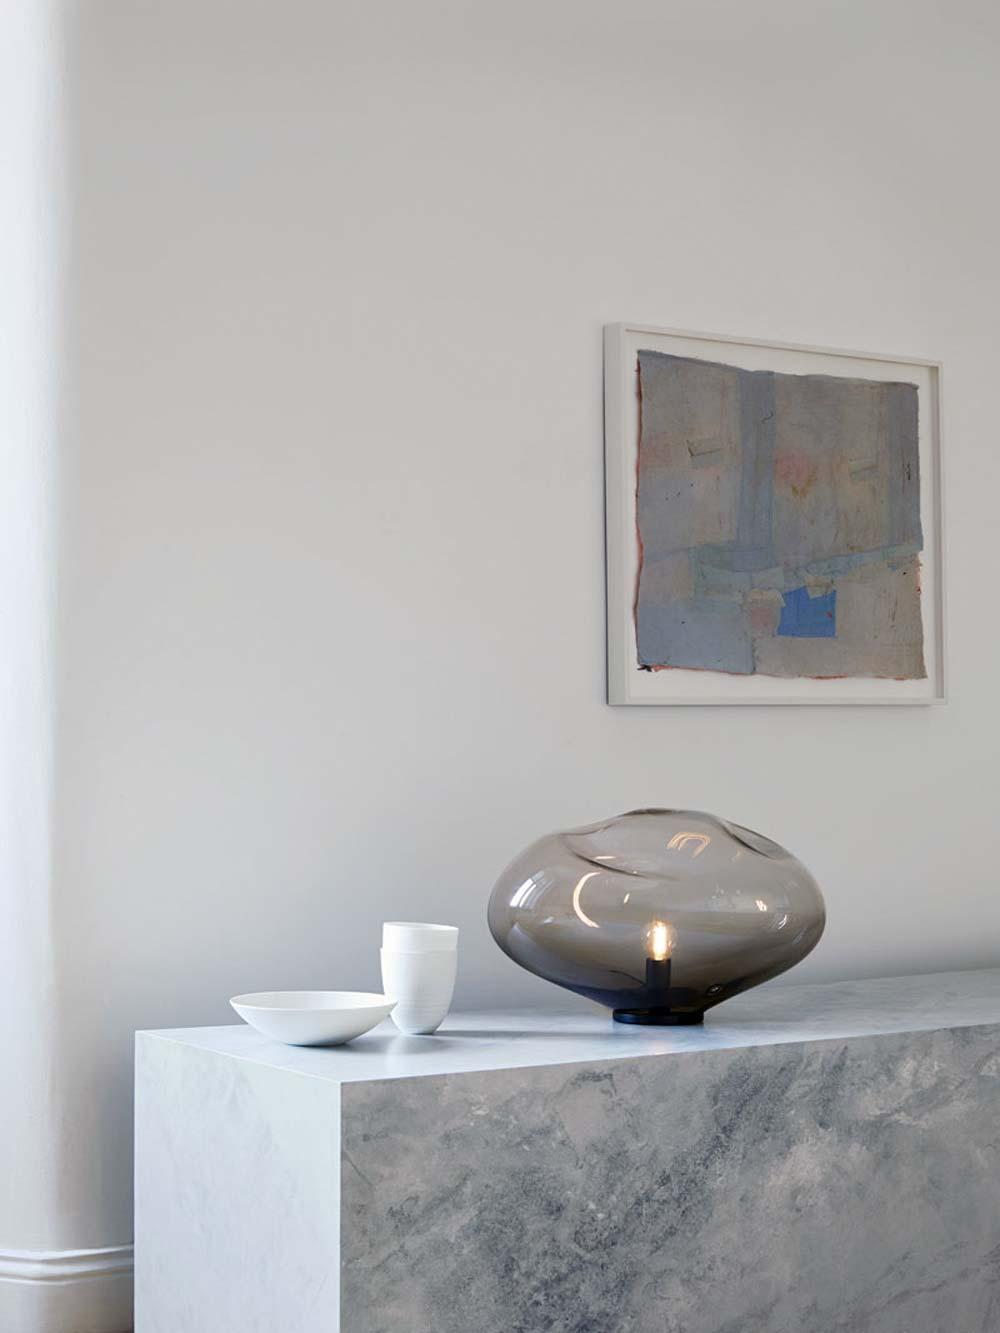 Designer Bodenleuchte und Designer Tischleuchte organische Form mundgeblasen Glas hochwertige Luxusleuchte HAUMEA AMORPH